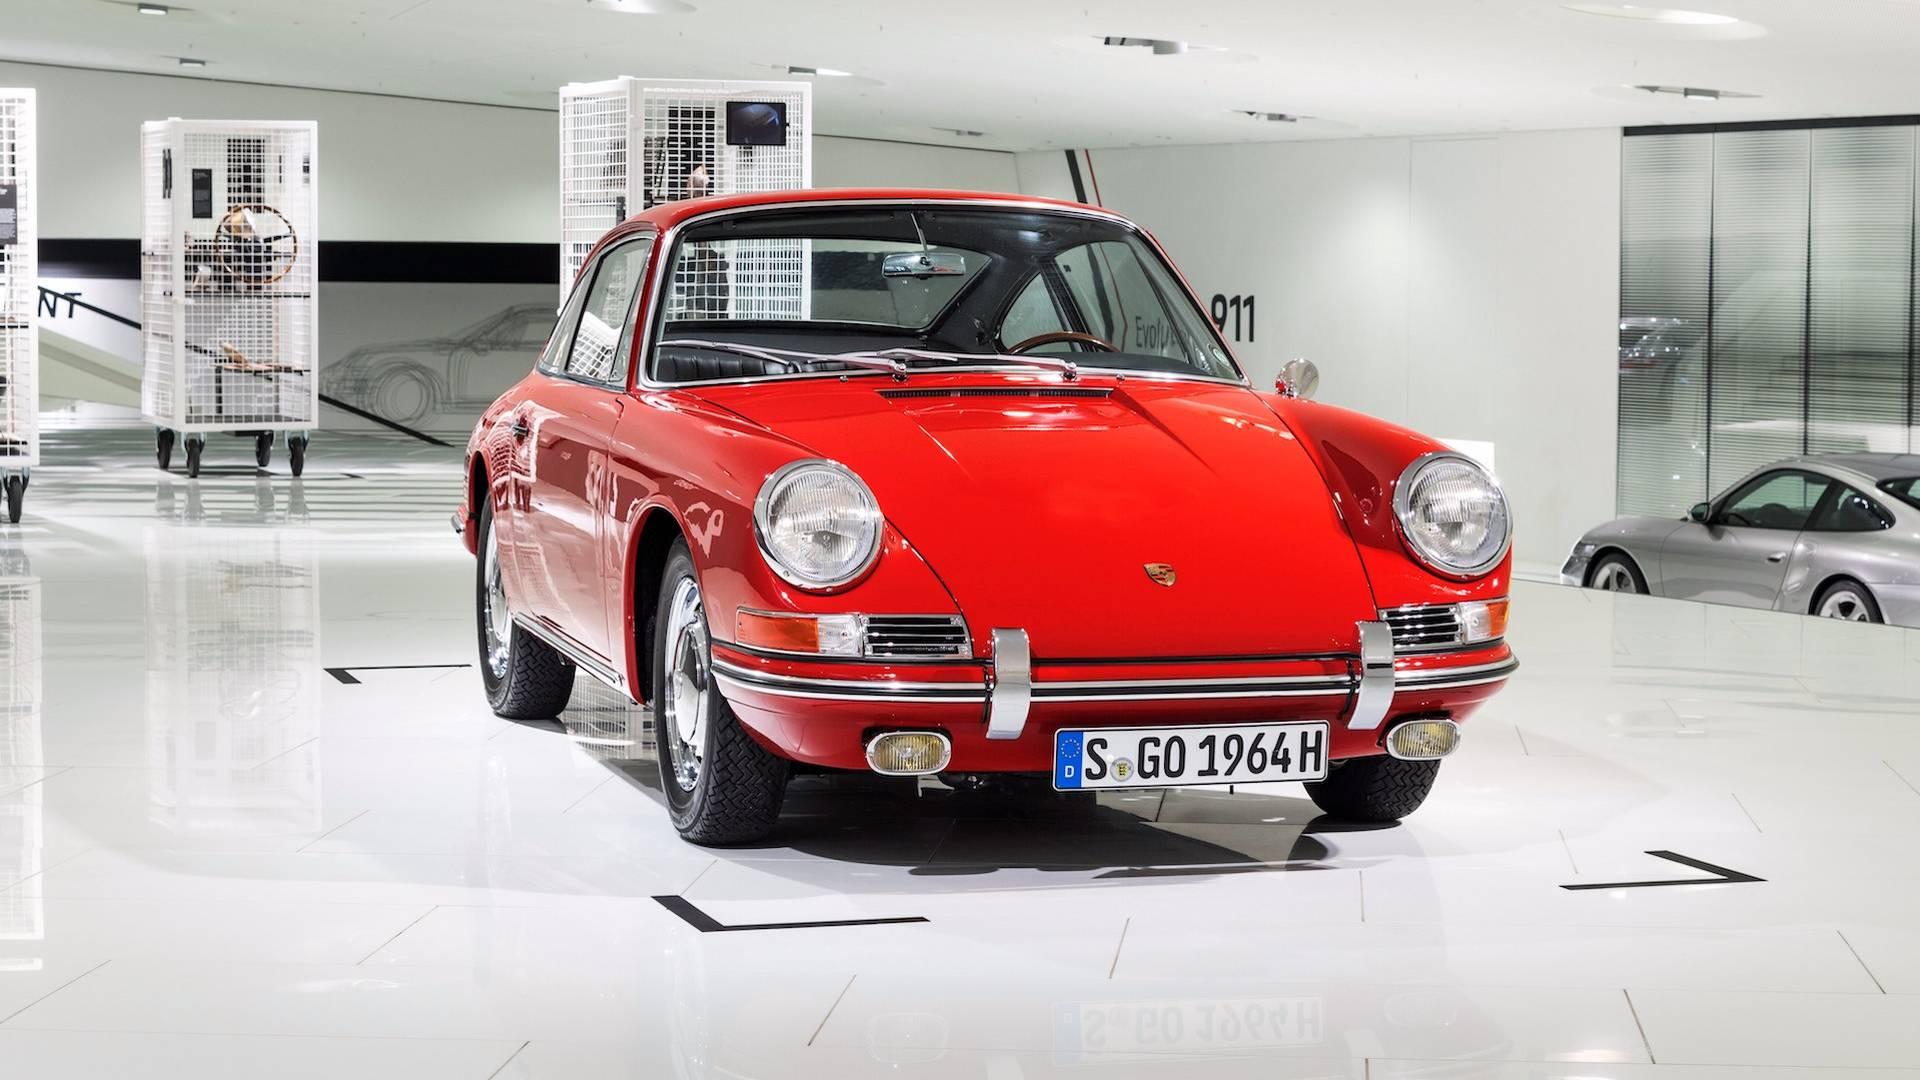 Porsche 901 911 restoration porsche museum (22)